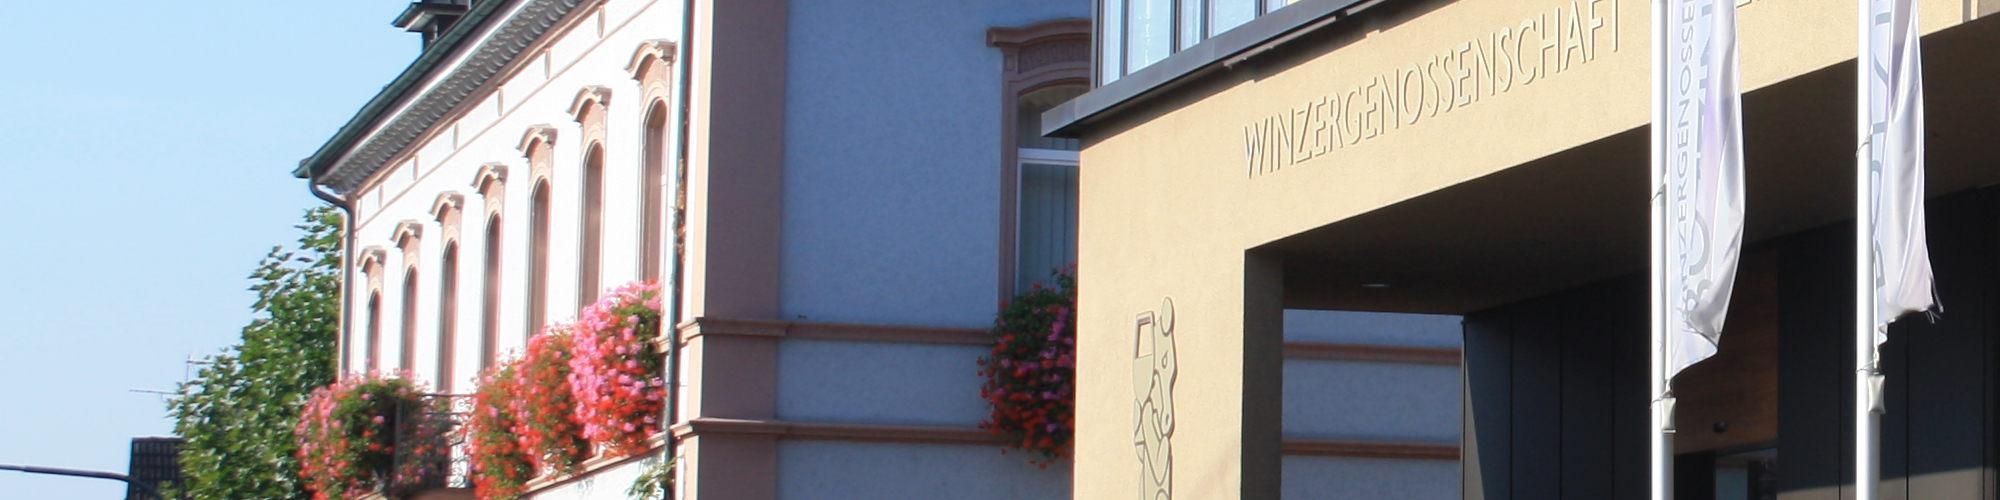 Bötzingen und ie Winzergenossenschaft